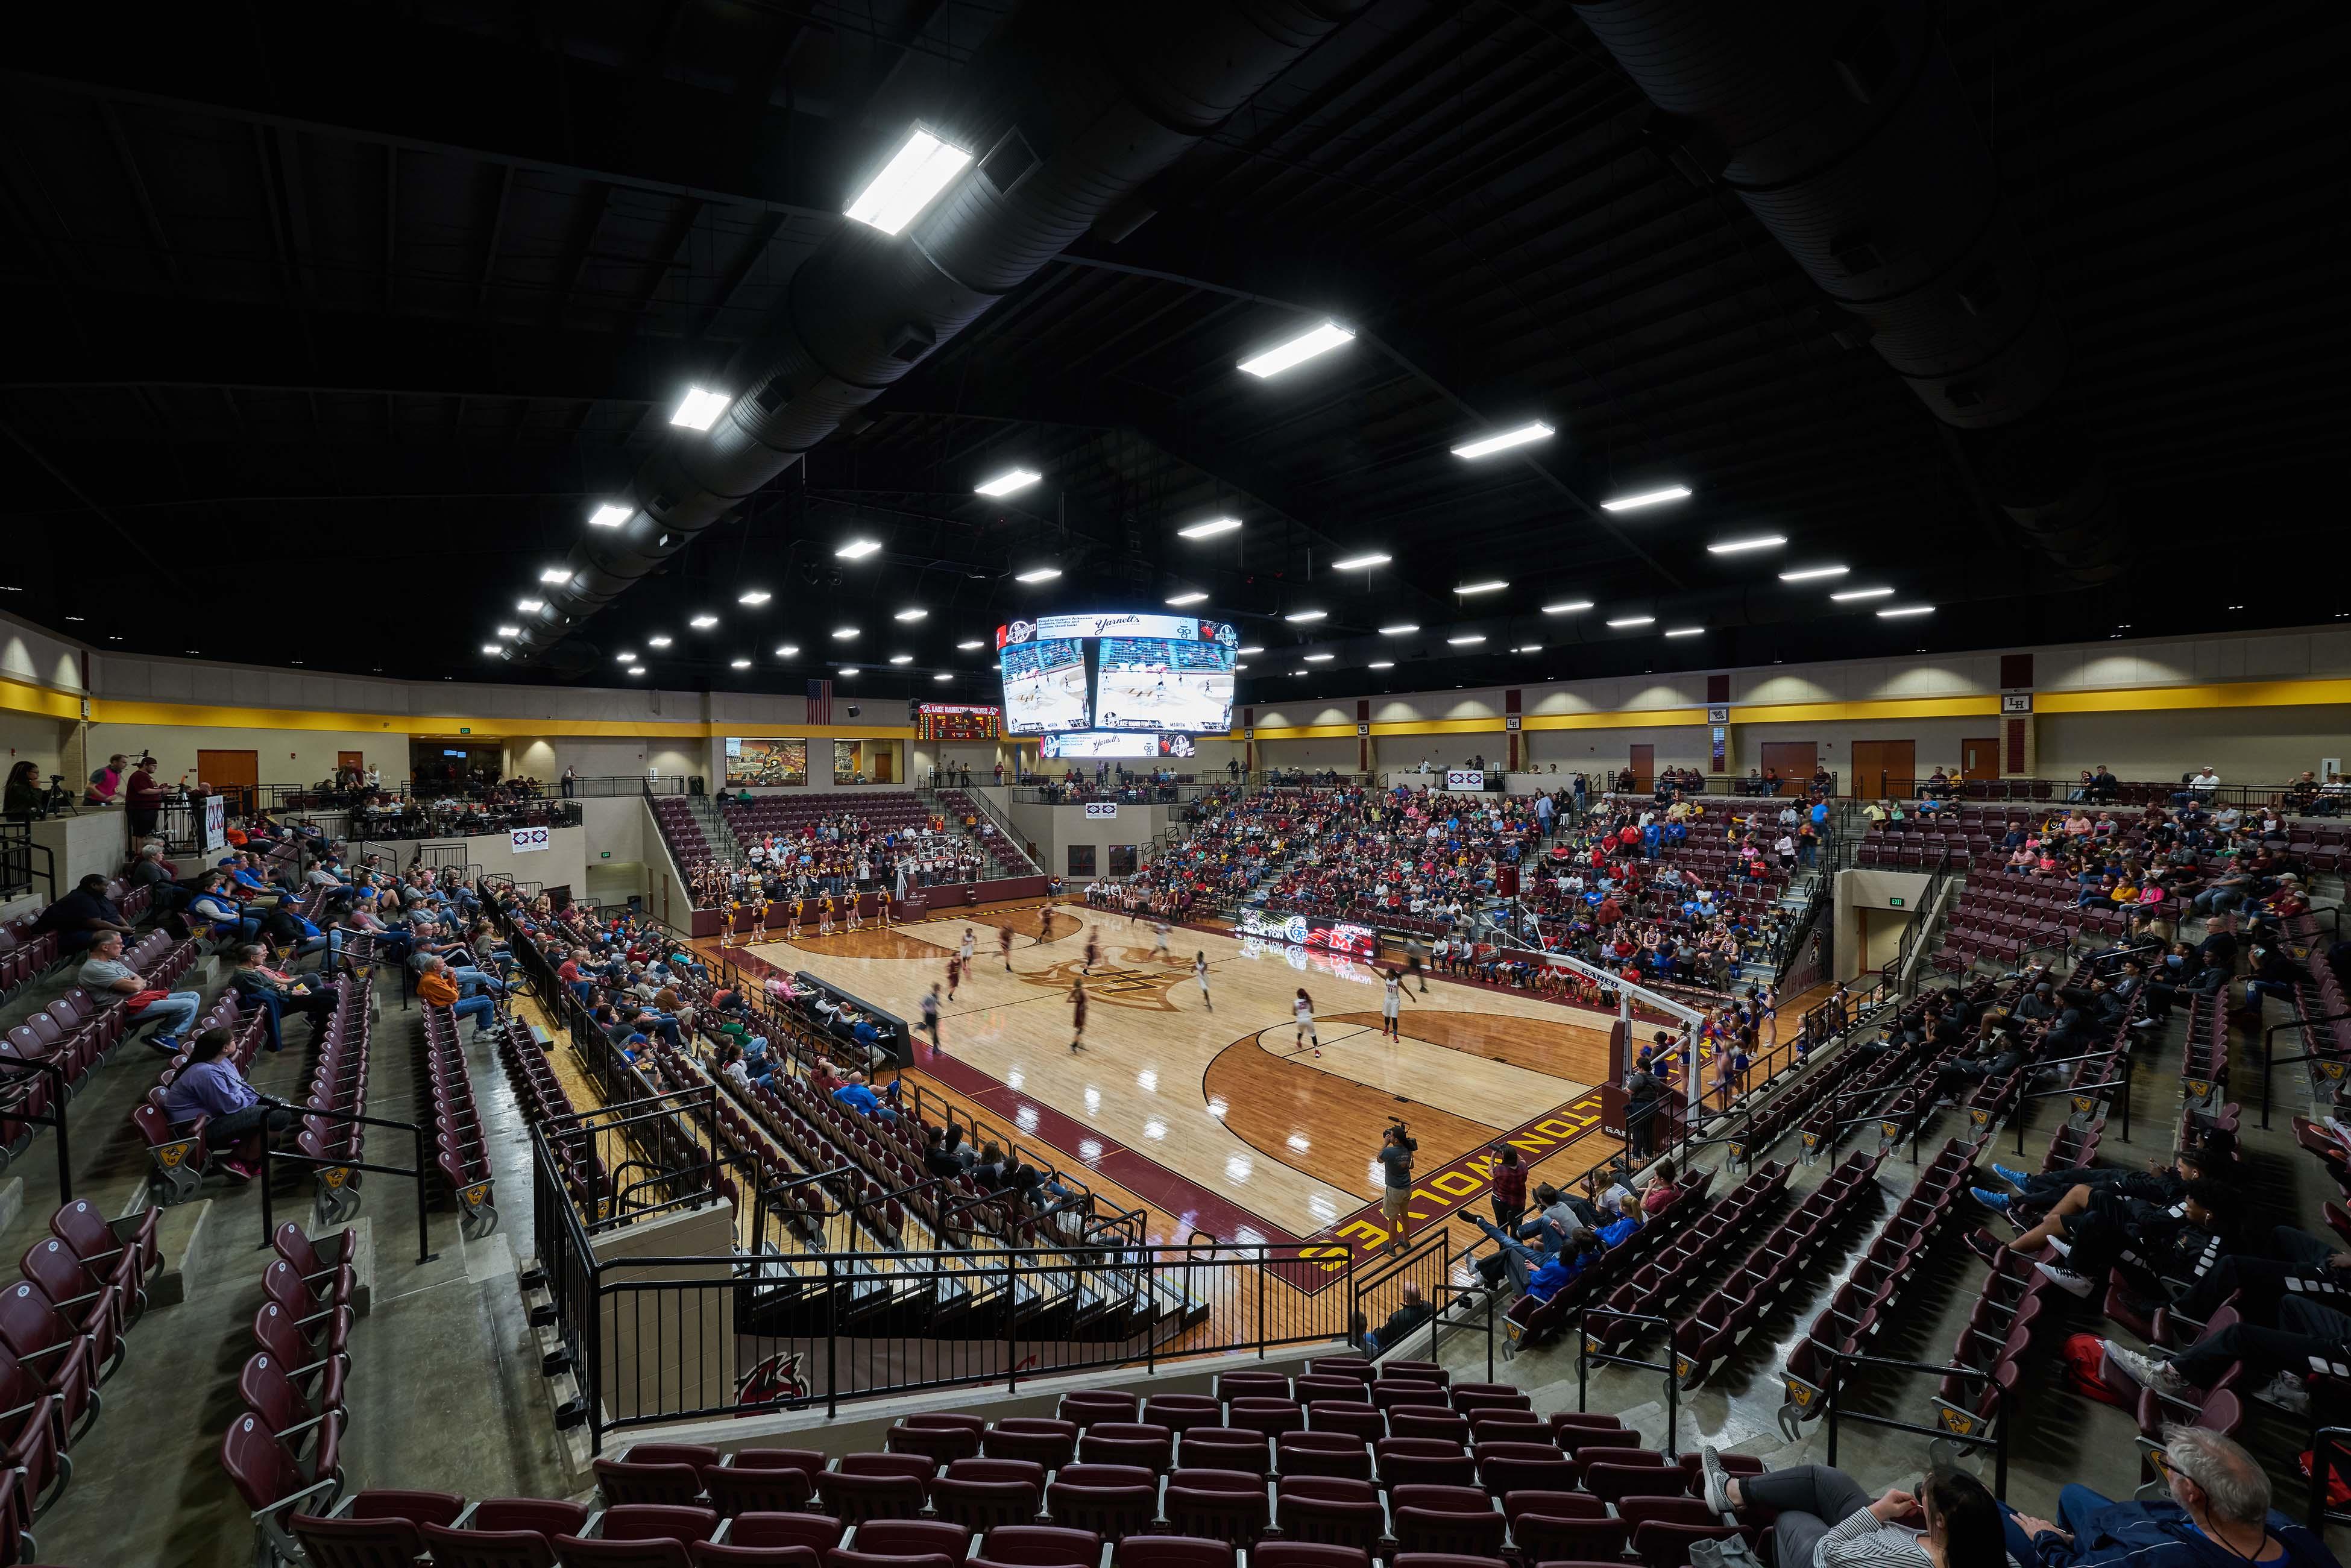 Lake Hamilton Arena